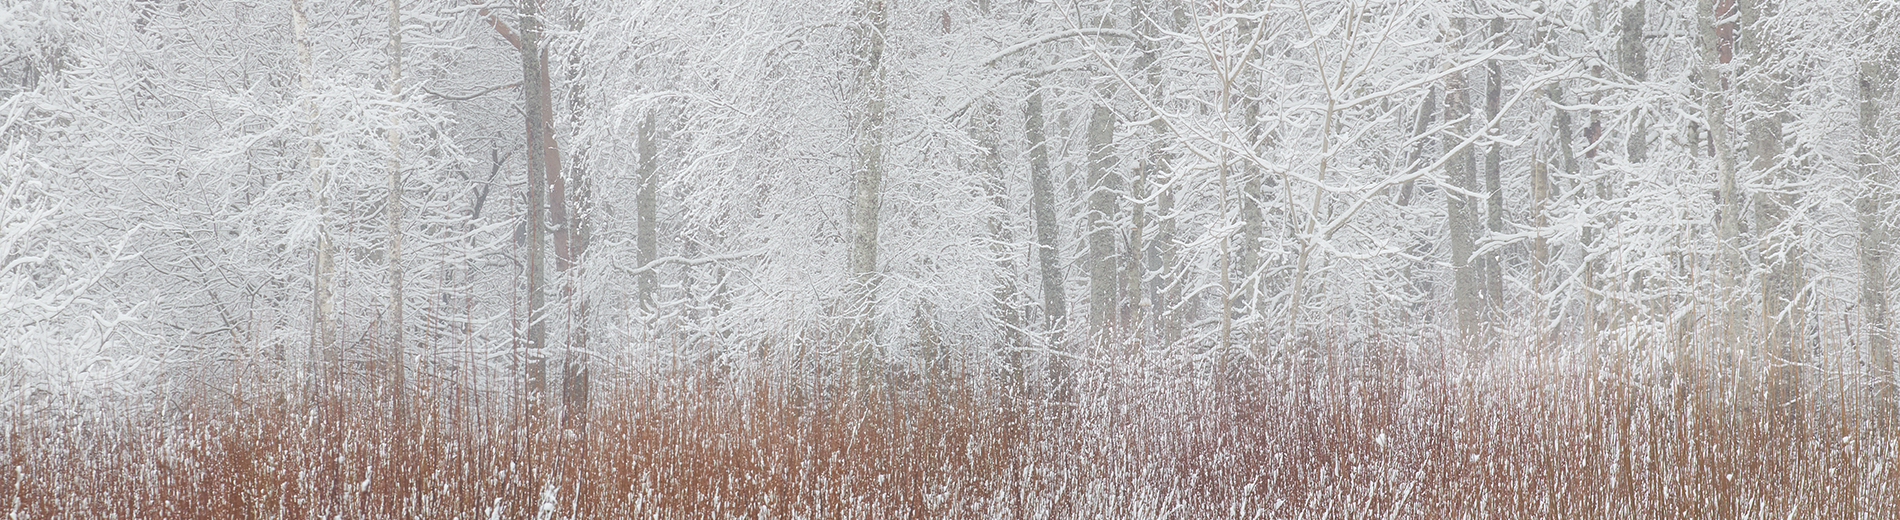 Lumine Järve mets